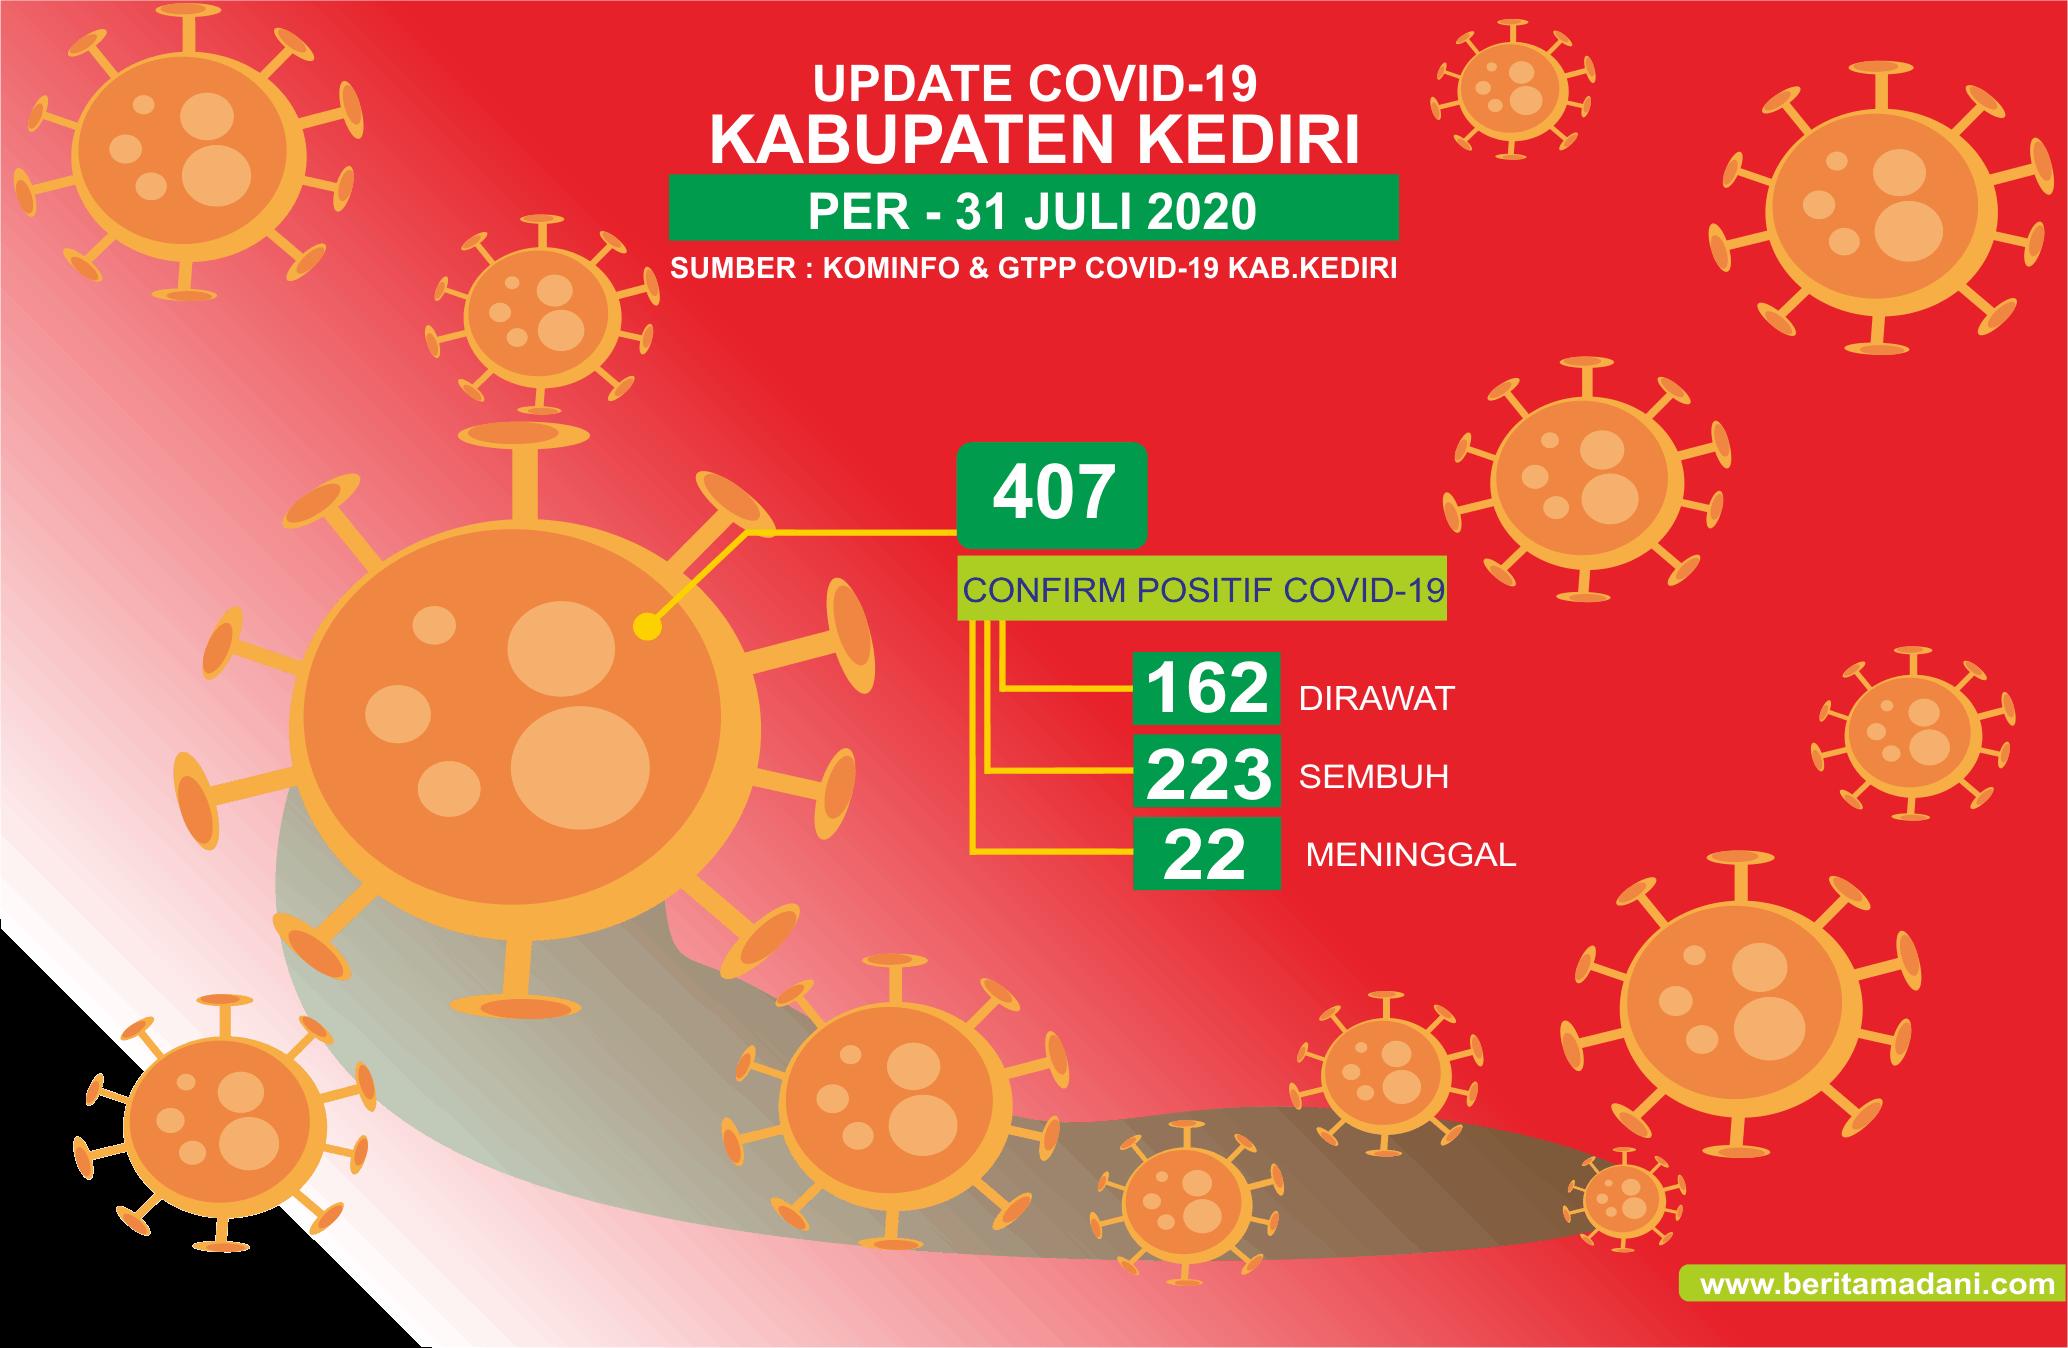 Update 31 Juli 2020, Positif Covid-19 di Kabupaten Kediri Kian Bertambah Total 407 Orang